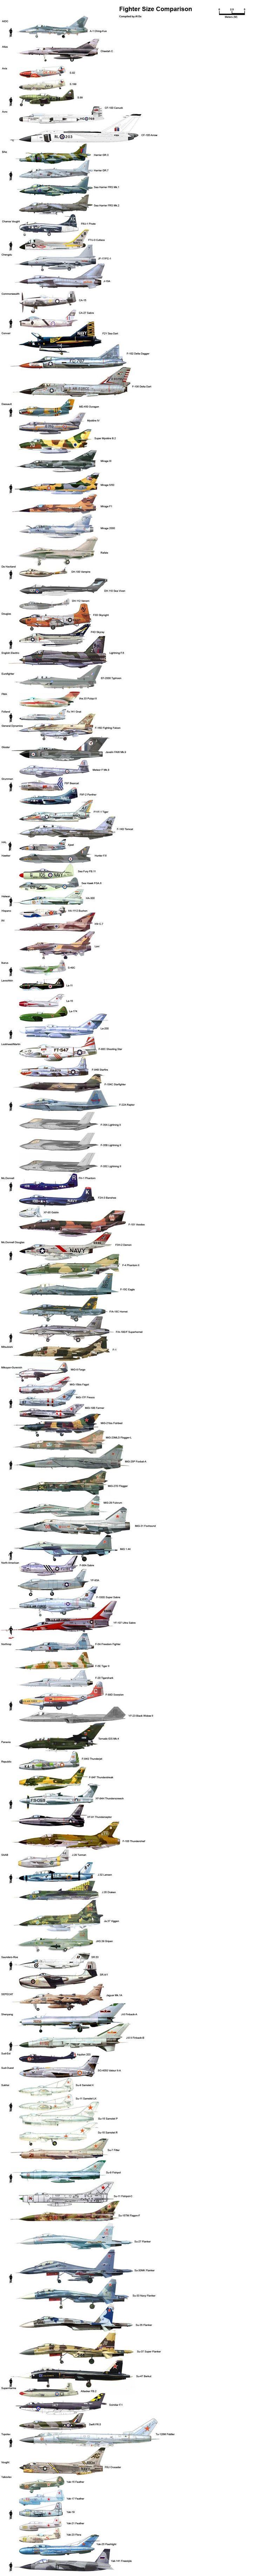 Comparatifs de la taille d'avions de chasse et d'hélicoptères